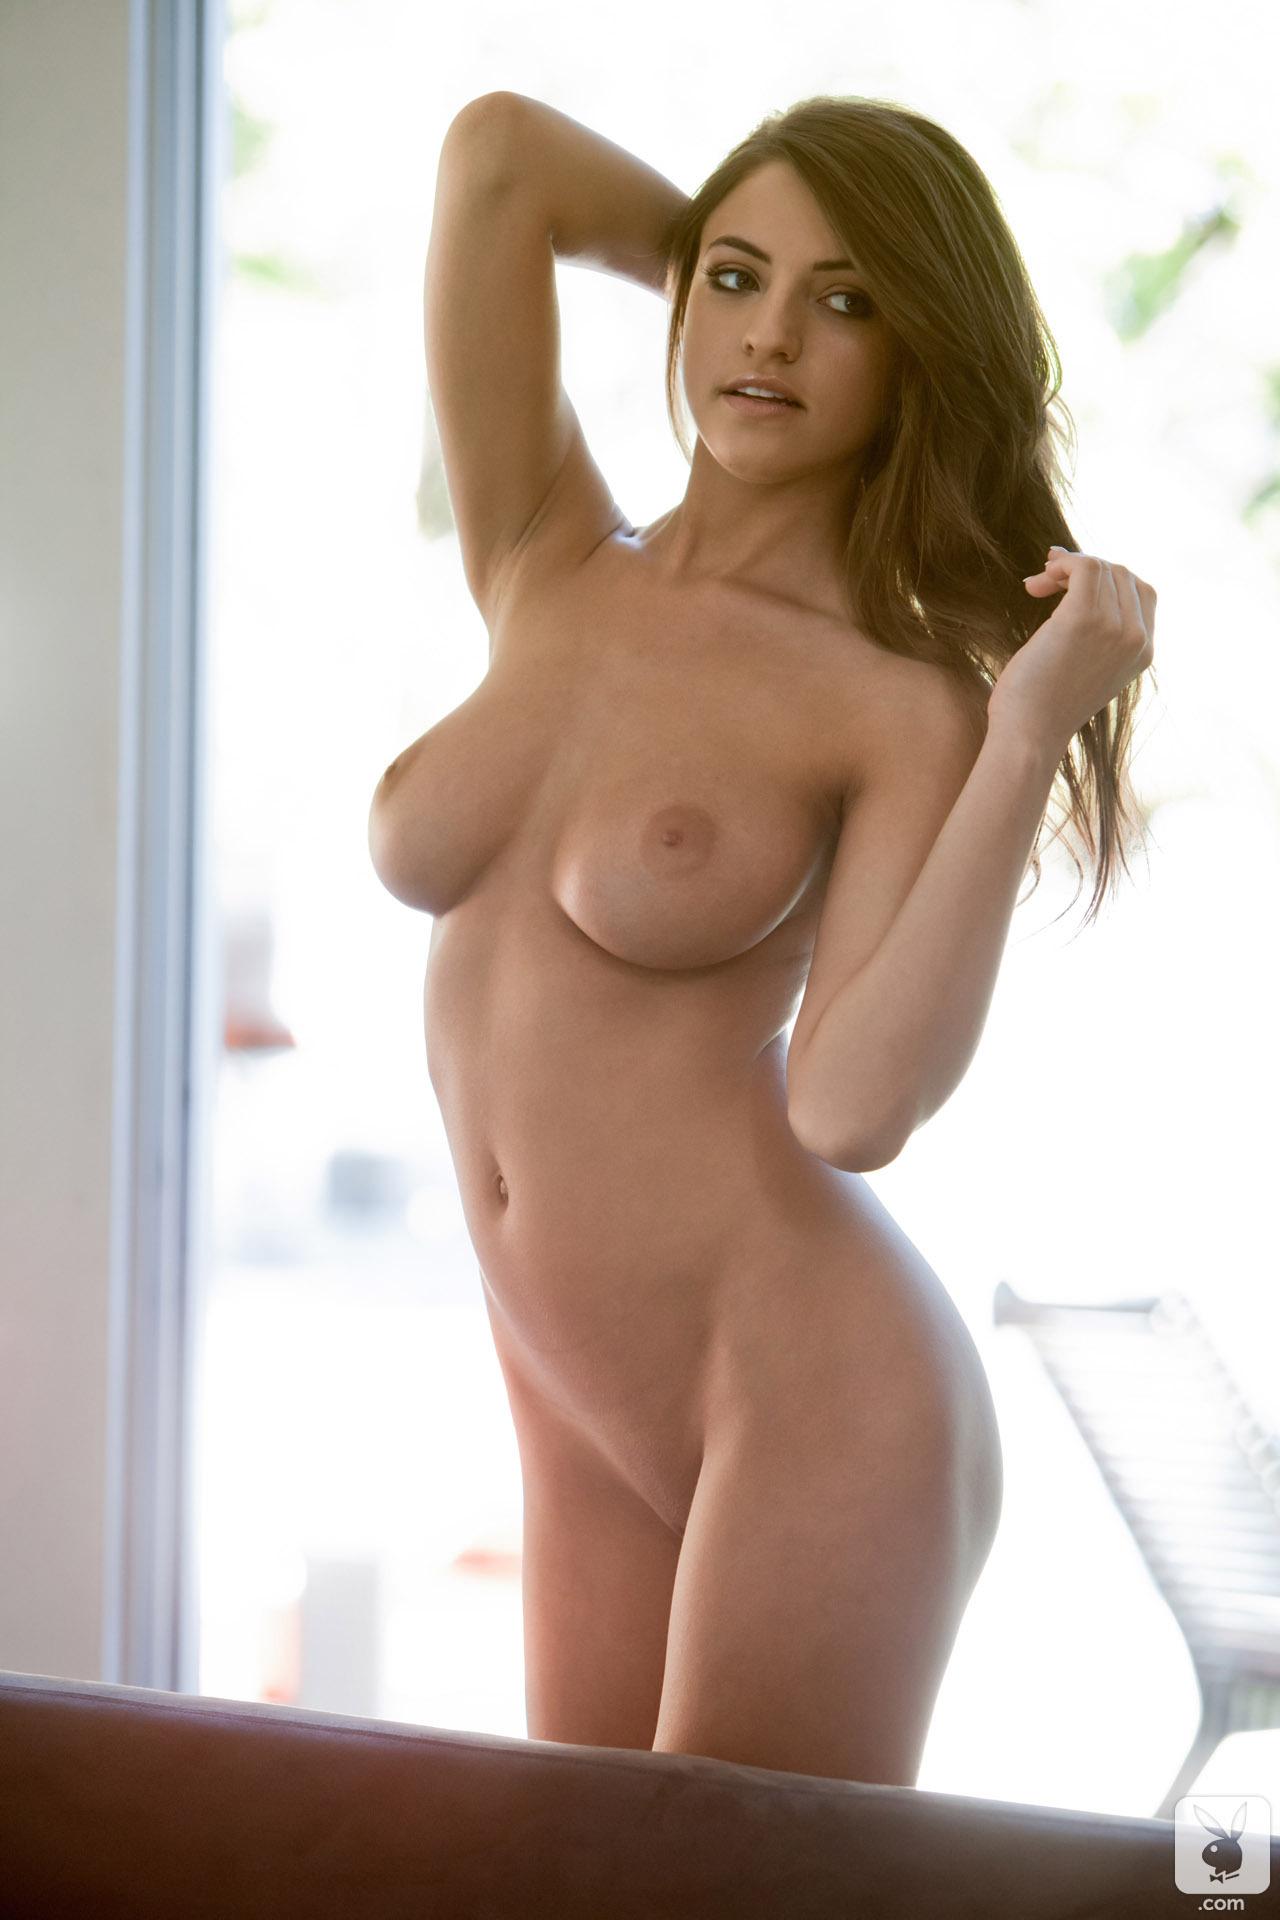 Супер киски сексапильных девушек фото 19 фотография